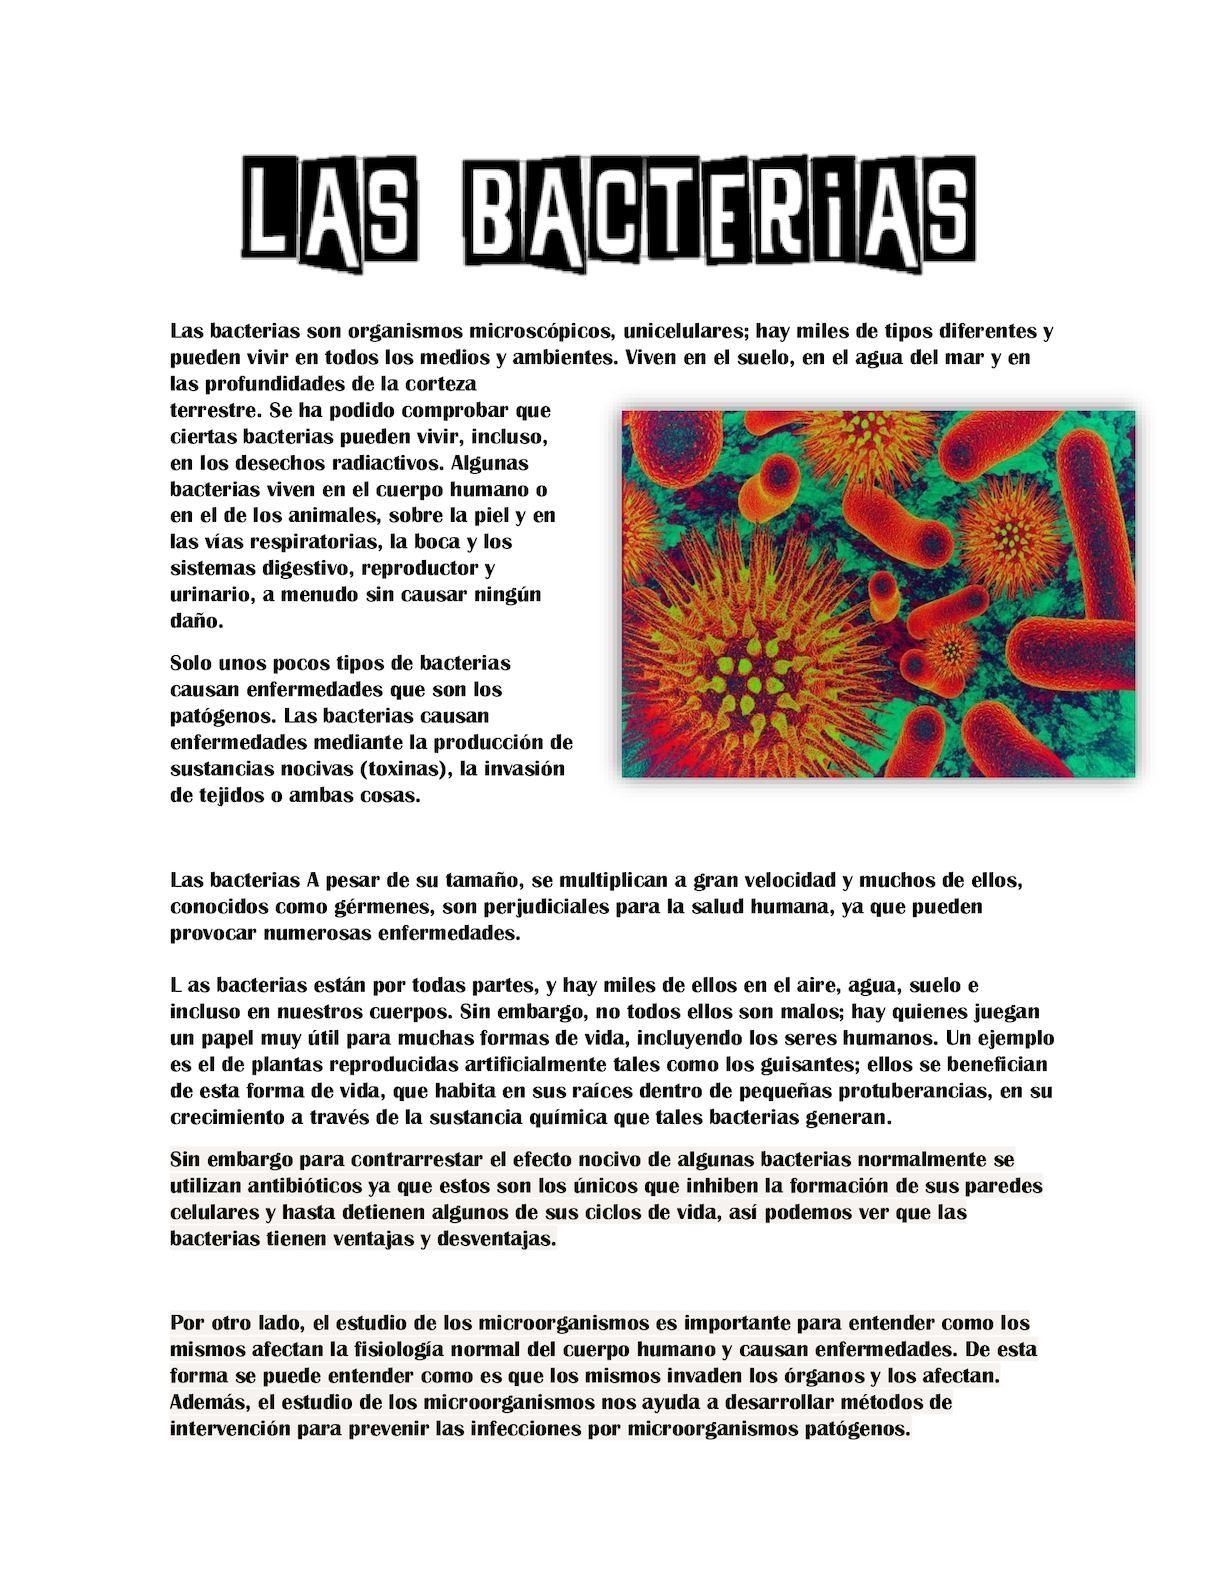 las bacterias patógenas causan enfermedad mediante